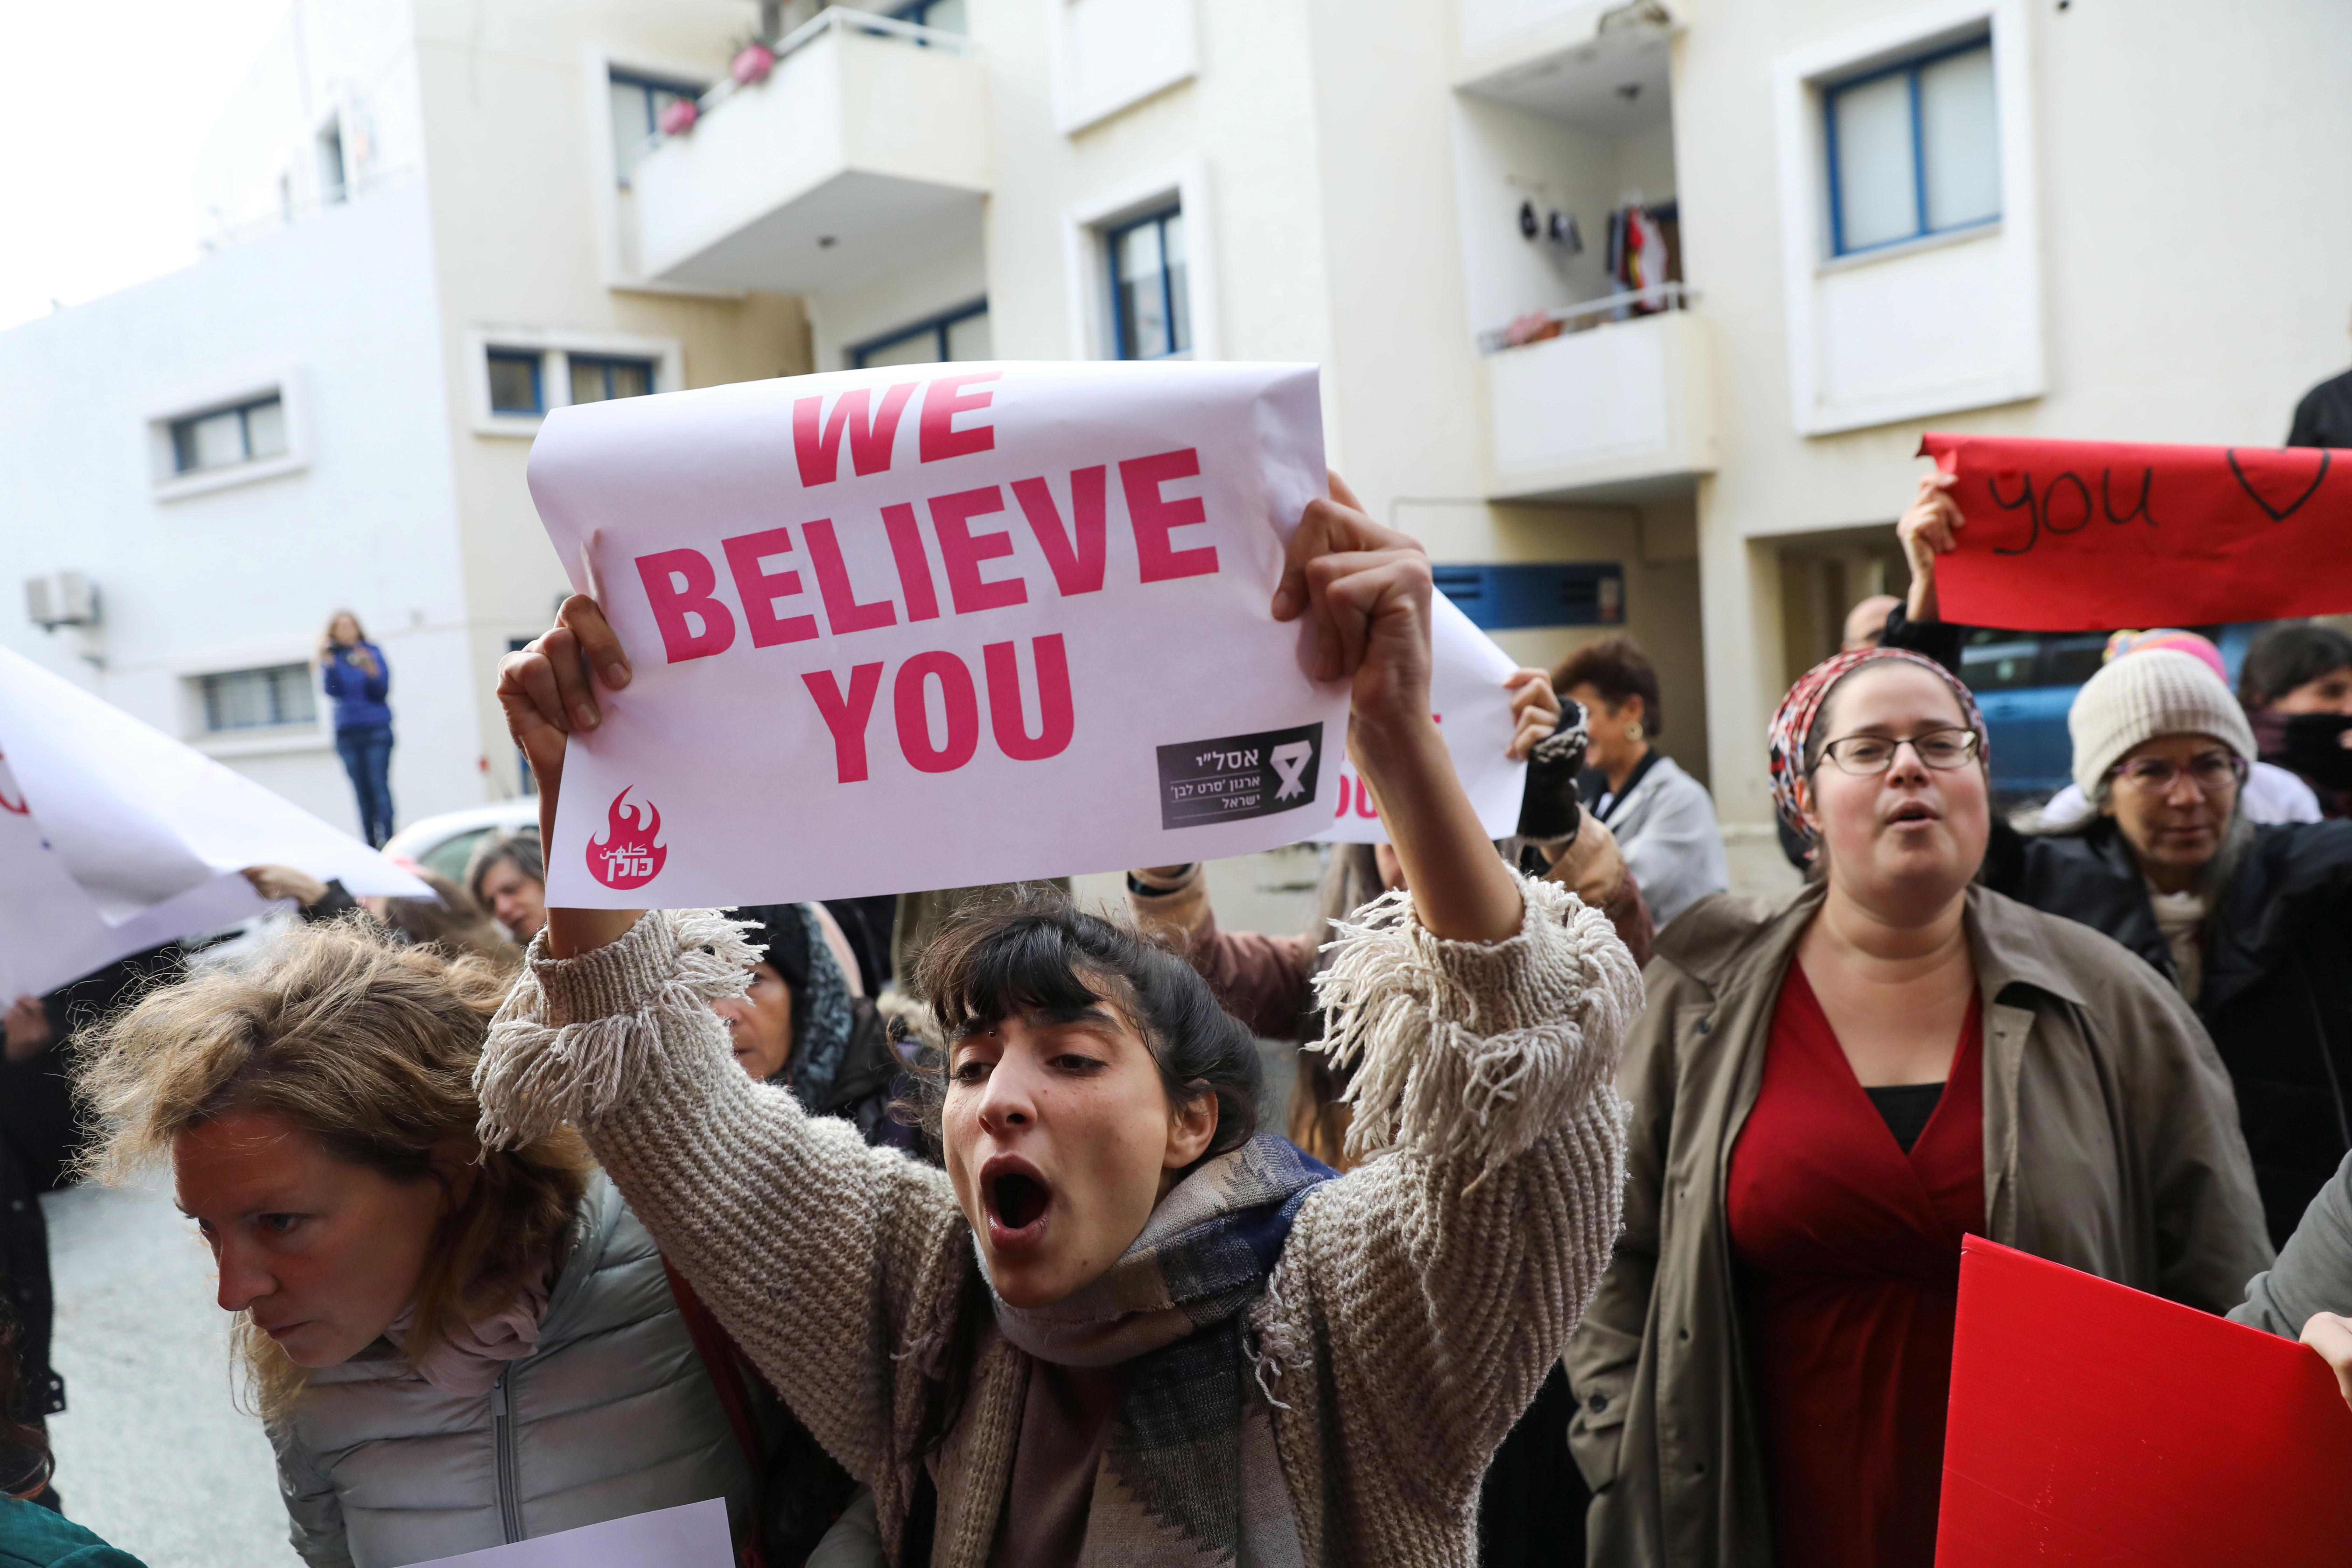 Un adolescent britannique fait appel de la condamnation de Chypre pour allégation de viol collectif